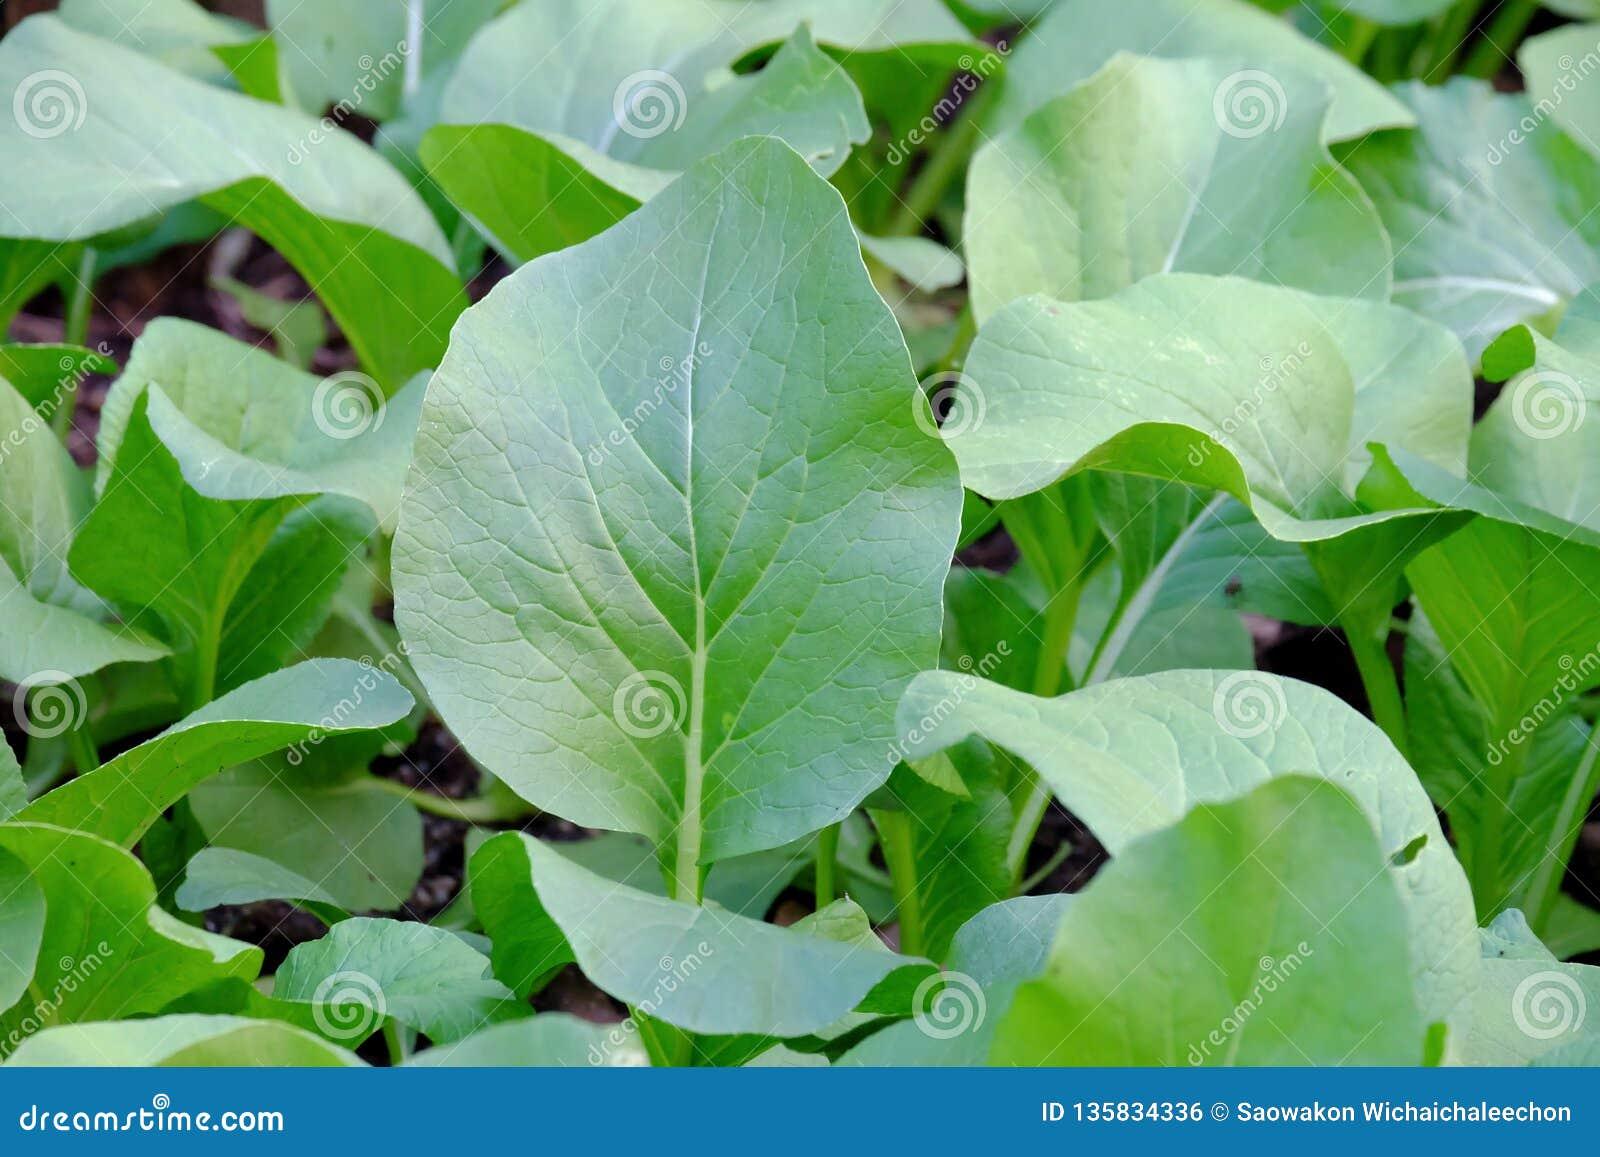 Het Chinese broccoli groeien in een plantaardig bed in openluchttuin in de stad